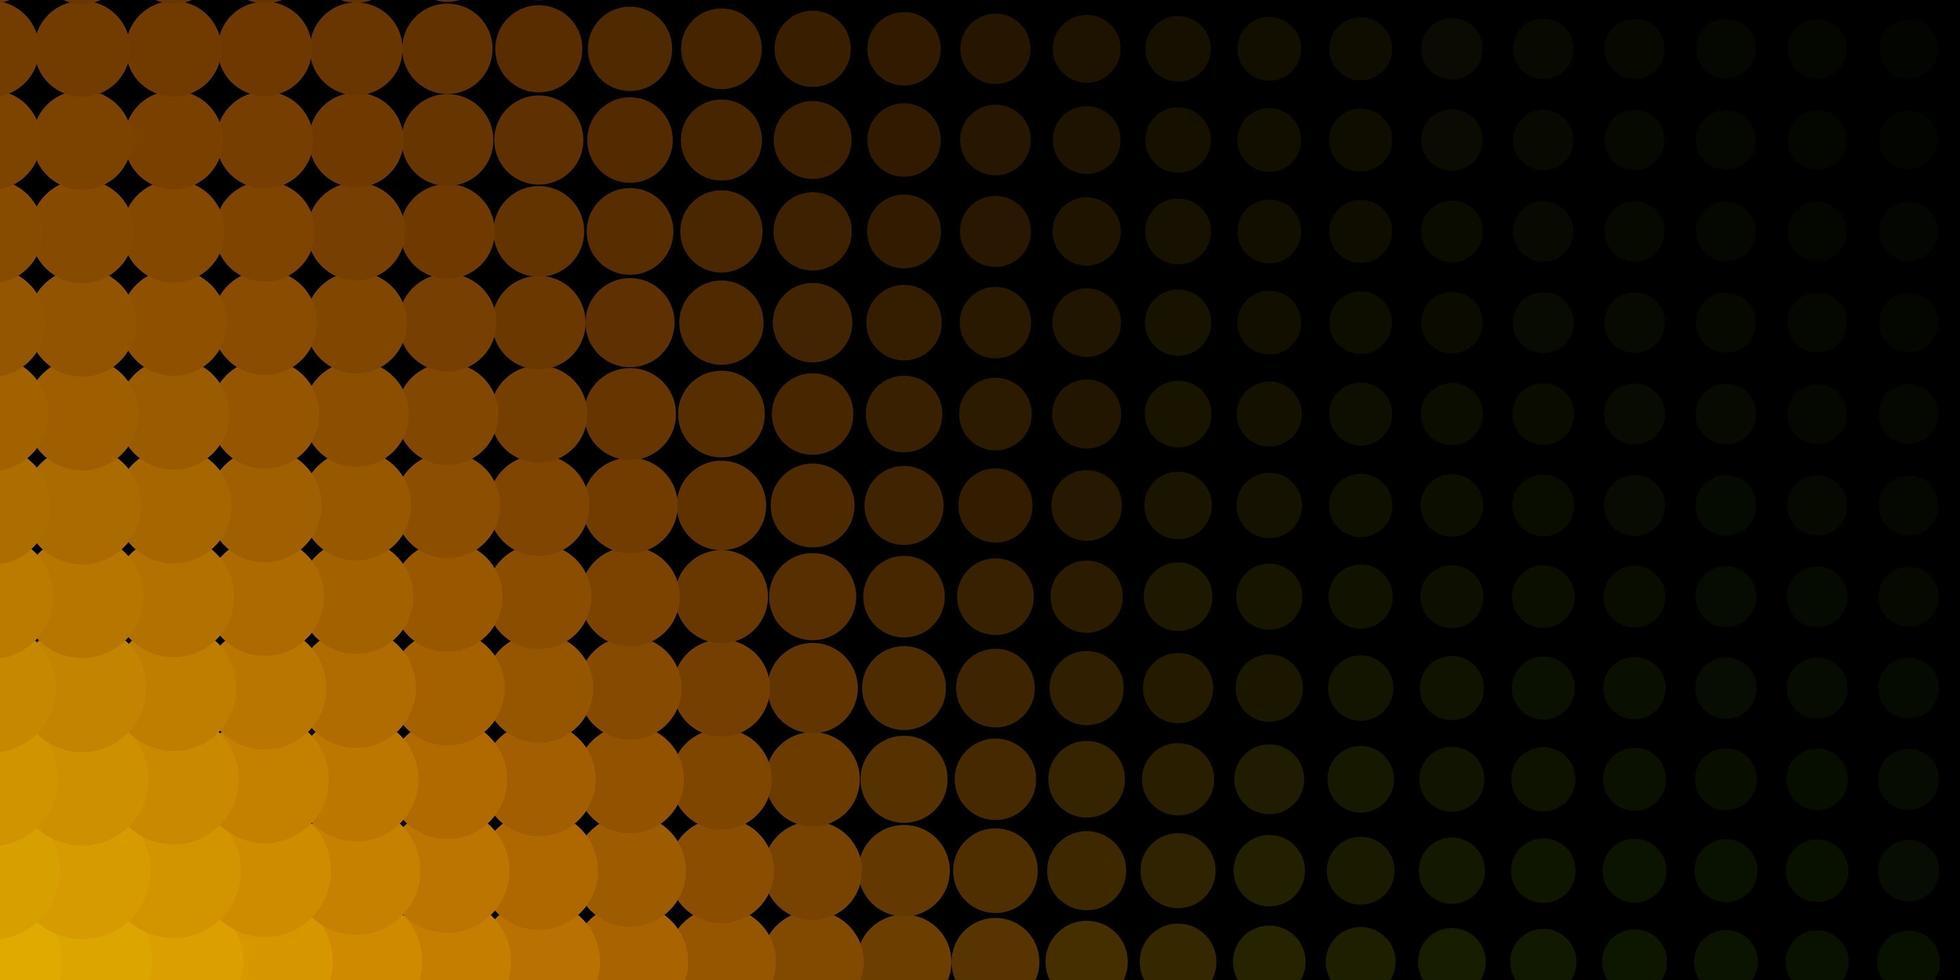 sfondo giallo scuro con cerchi. vettore